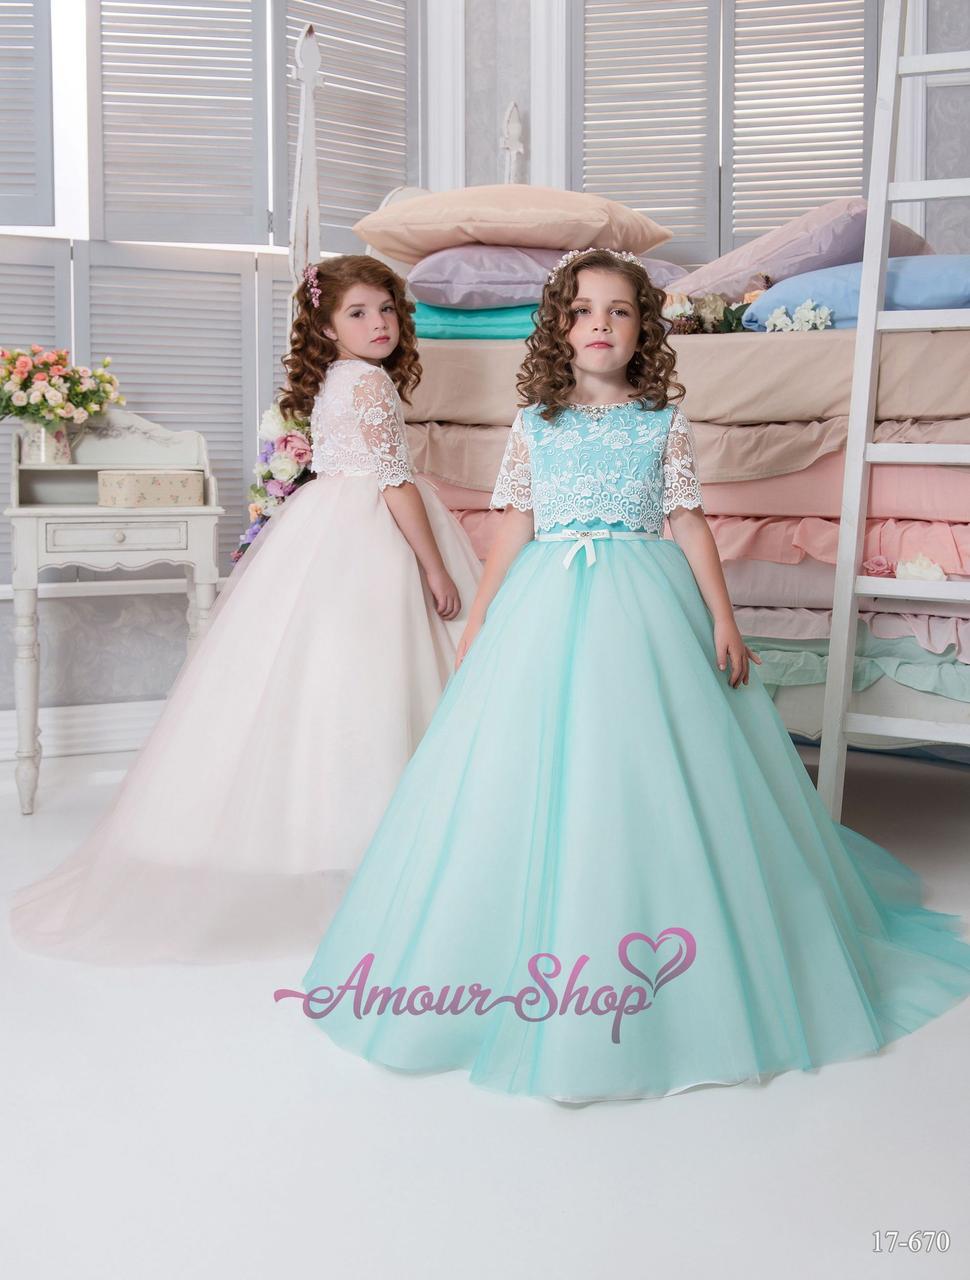 Детское нарядное платье с кружевным болеро (выпускной, конкурс, фотосессия, день рождения)